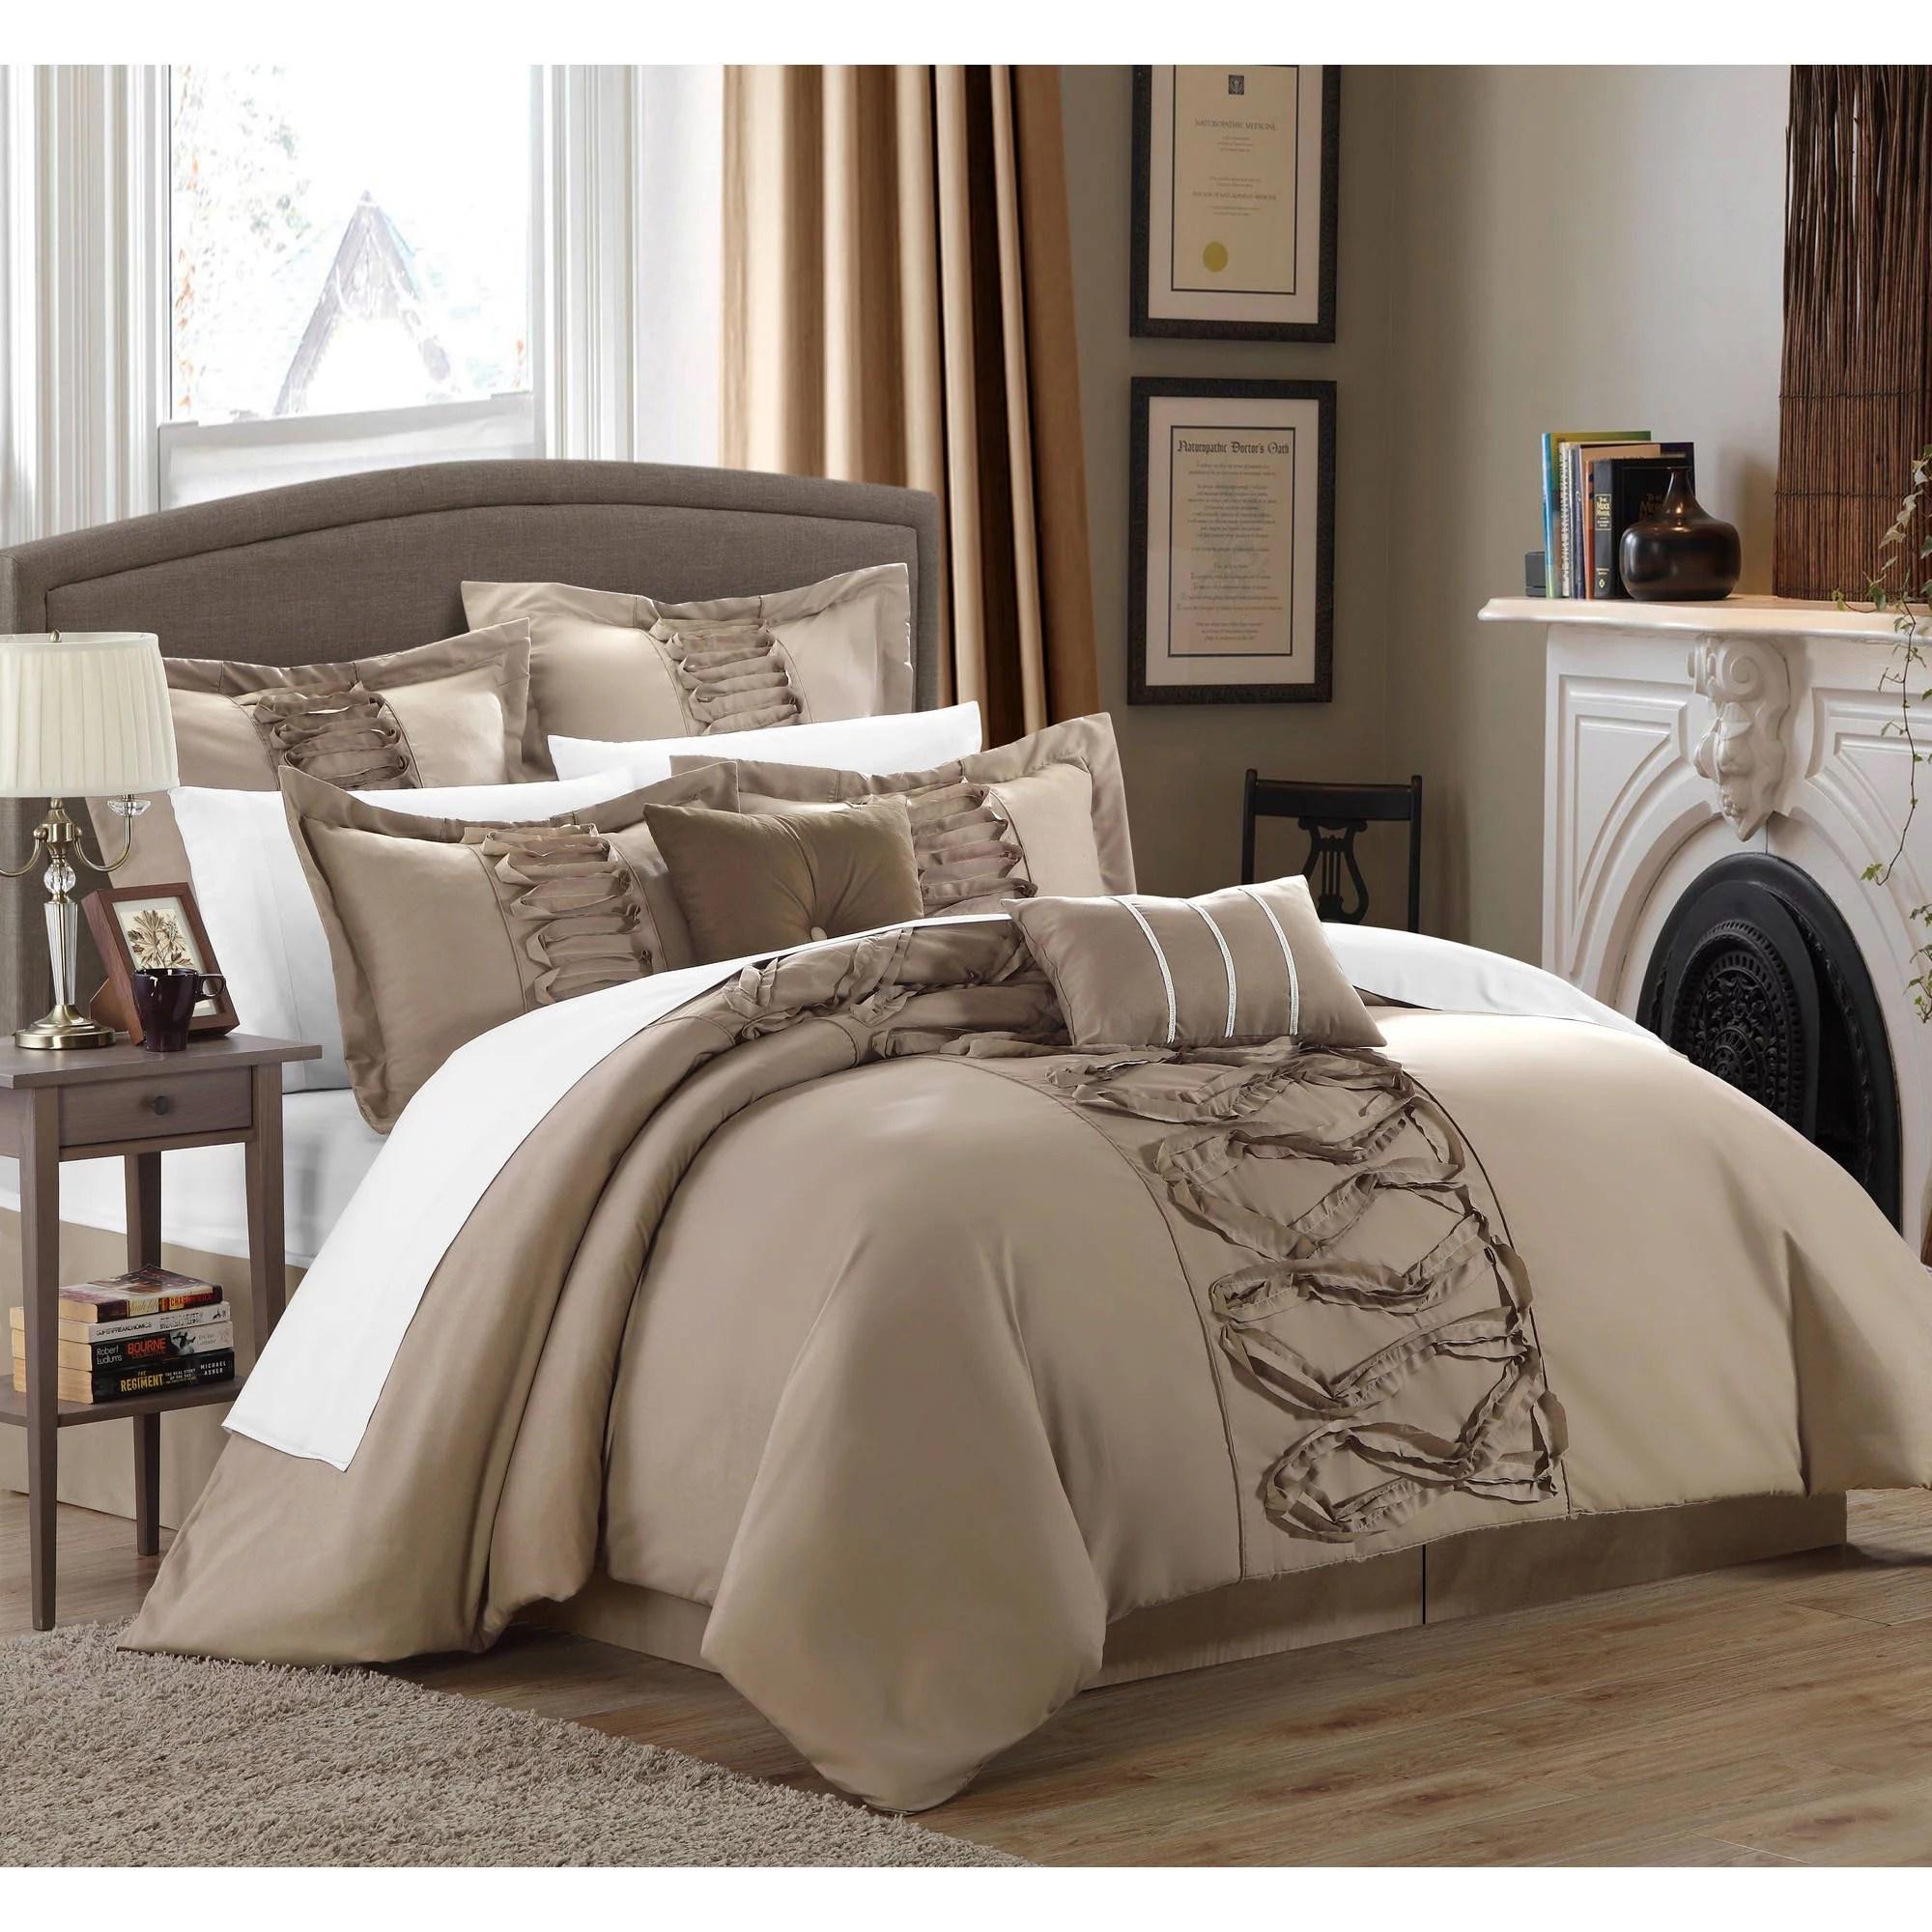 nancy 12 piece bed in a bag comforter set